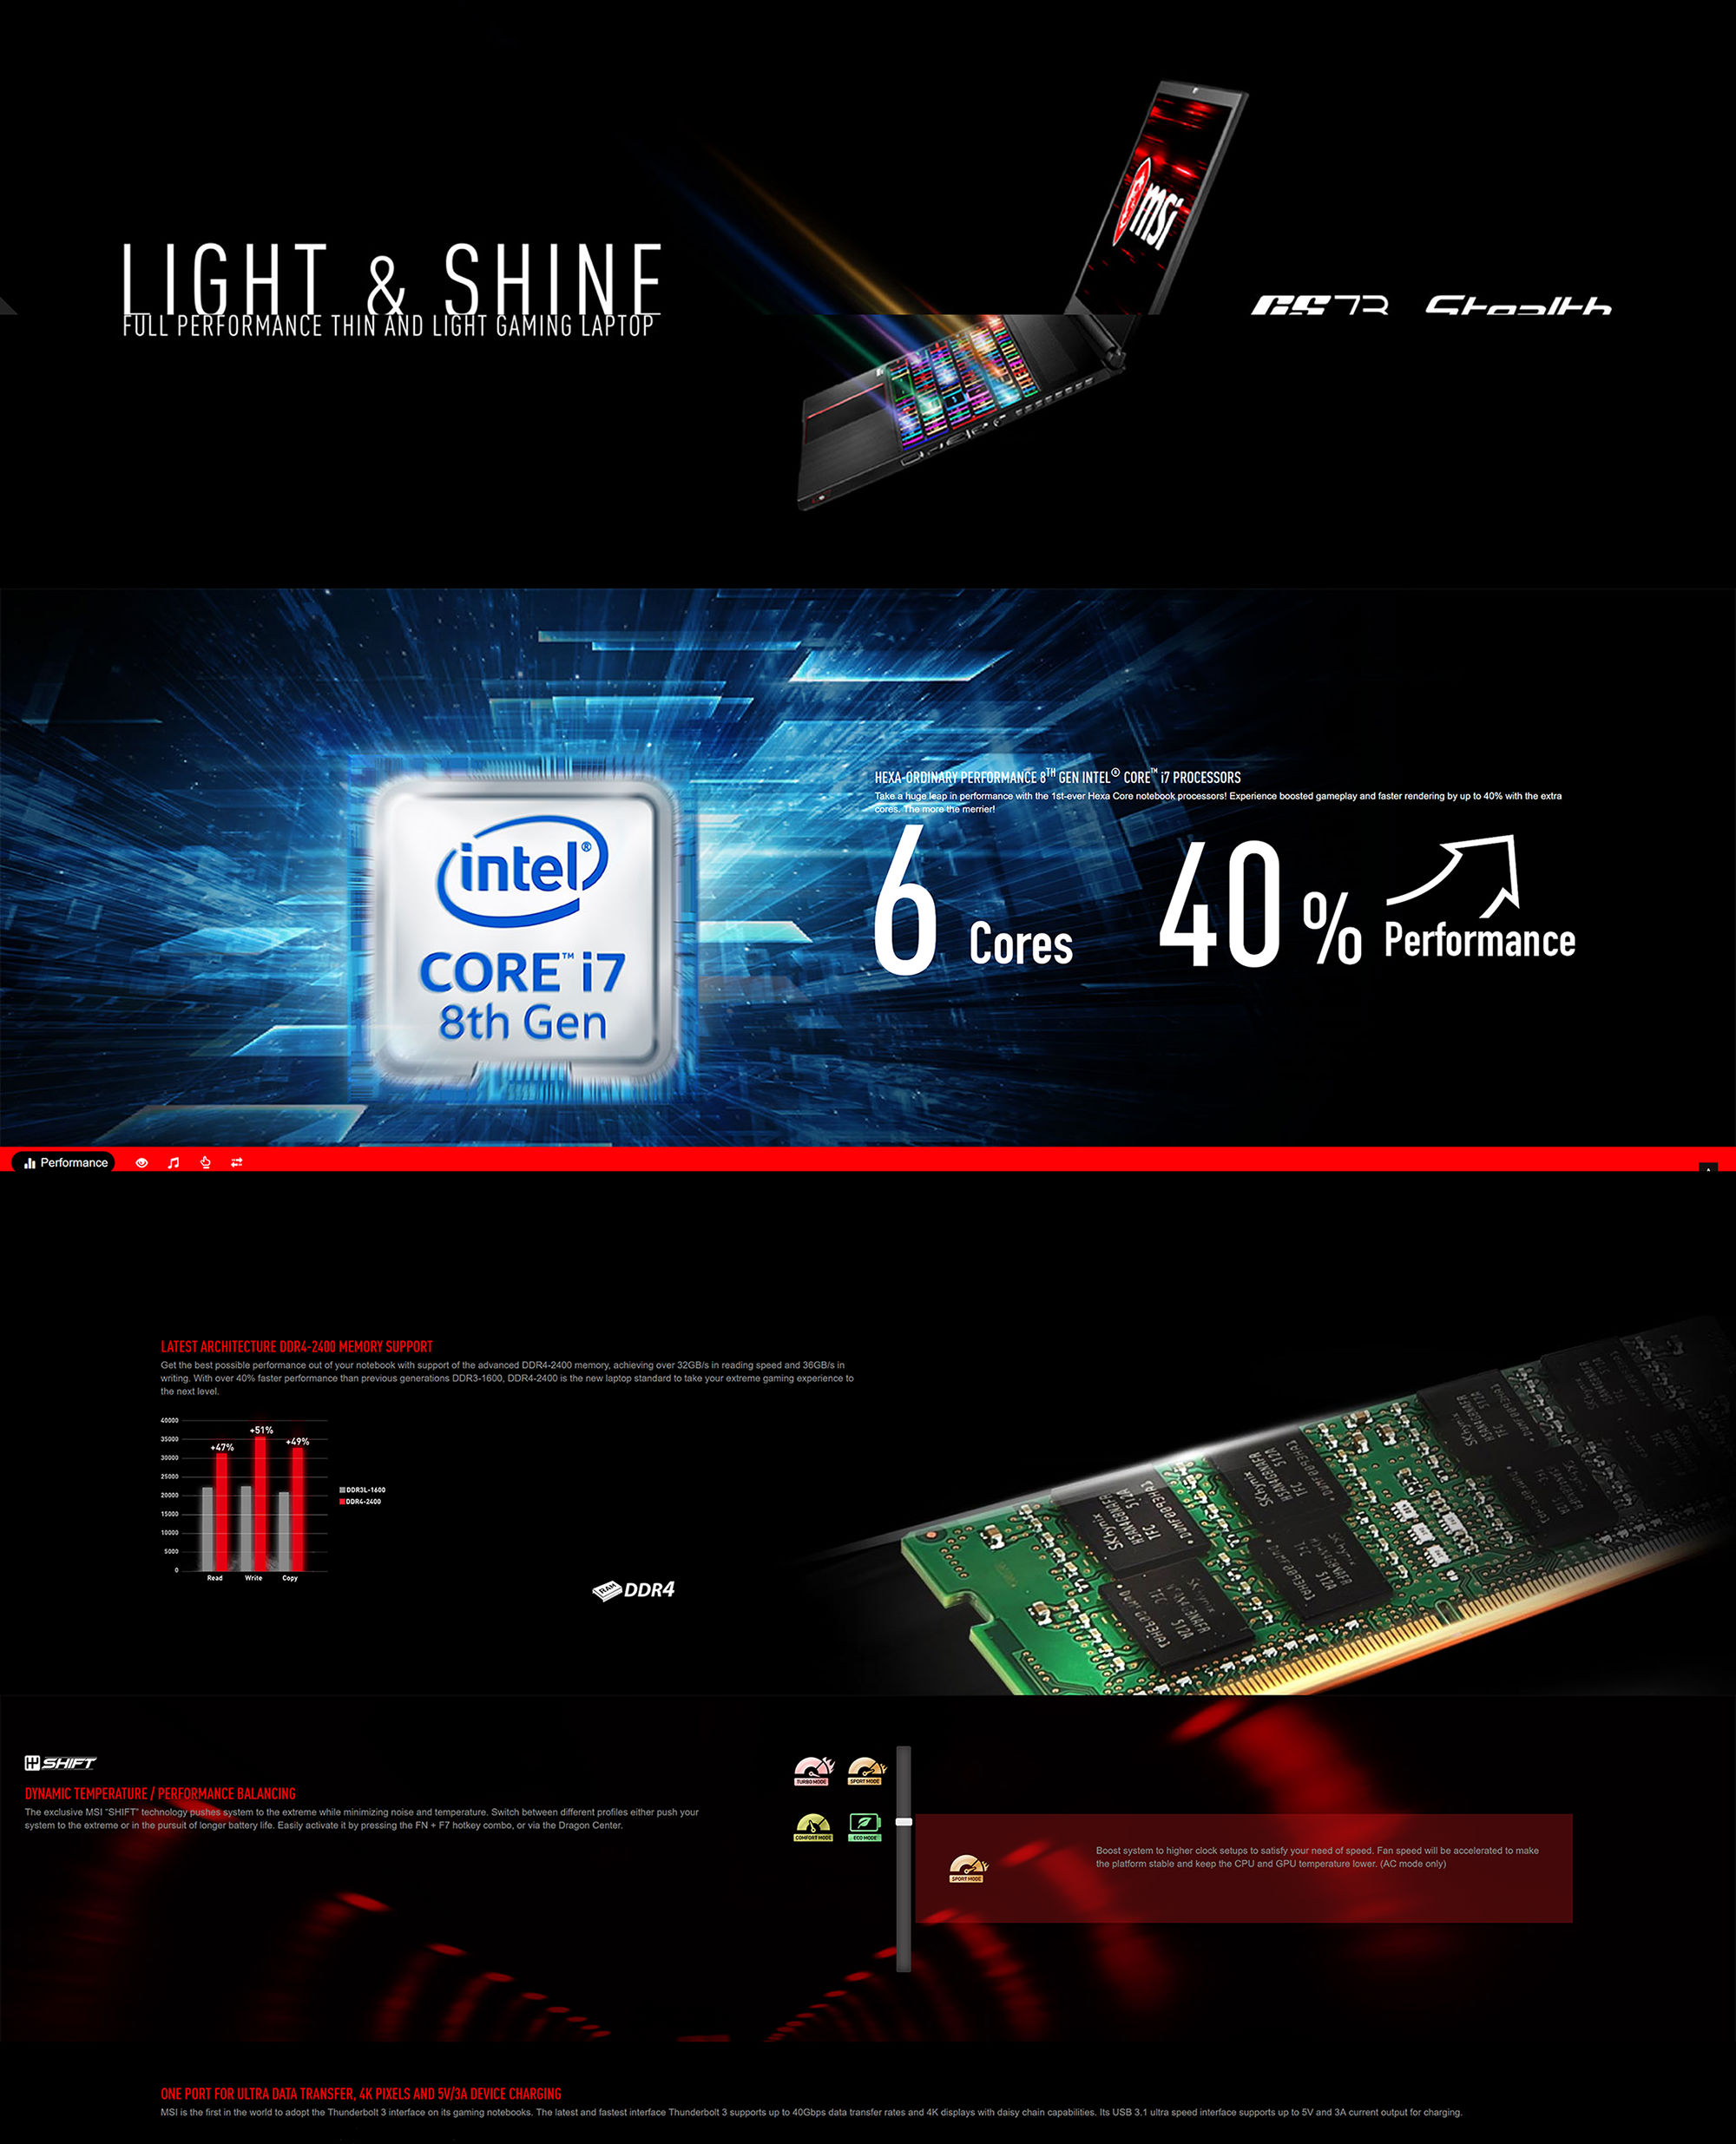 MSI GS73 17 3in FHD 120Hz i7 8750H GTX 1060 256GB SSD + 1TB HDD Gaming  Laptop (8RE-028AU)